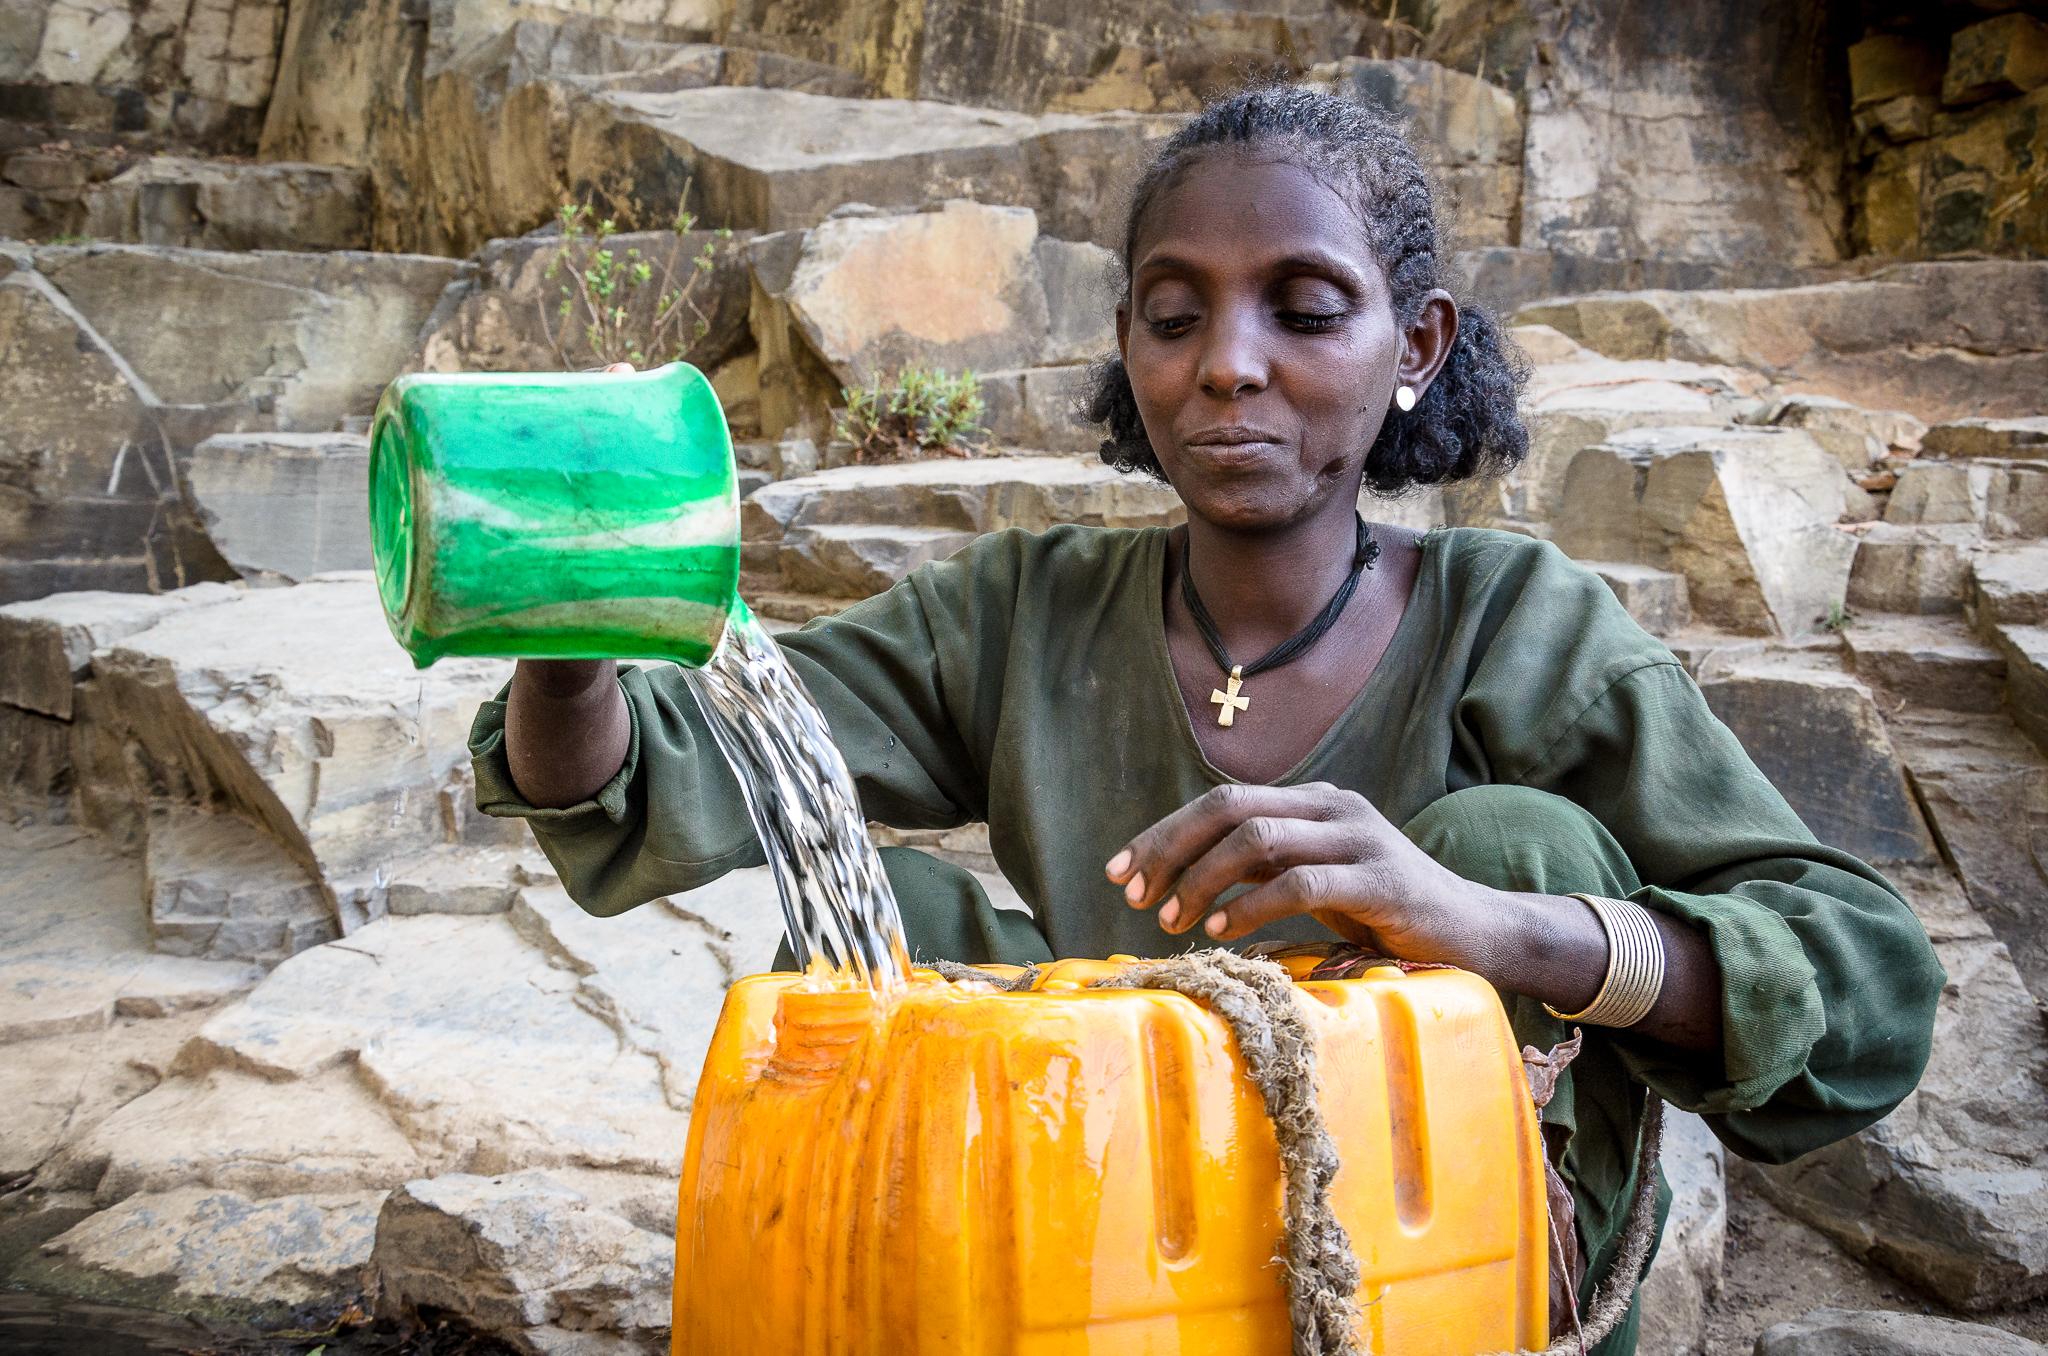 Plastic in Africa